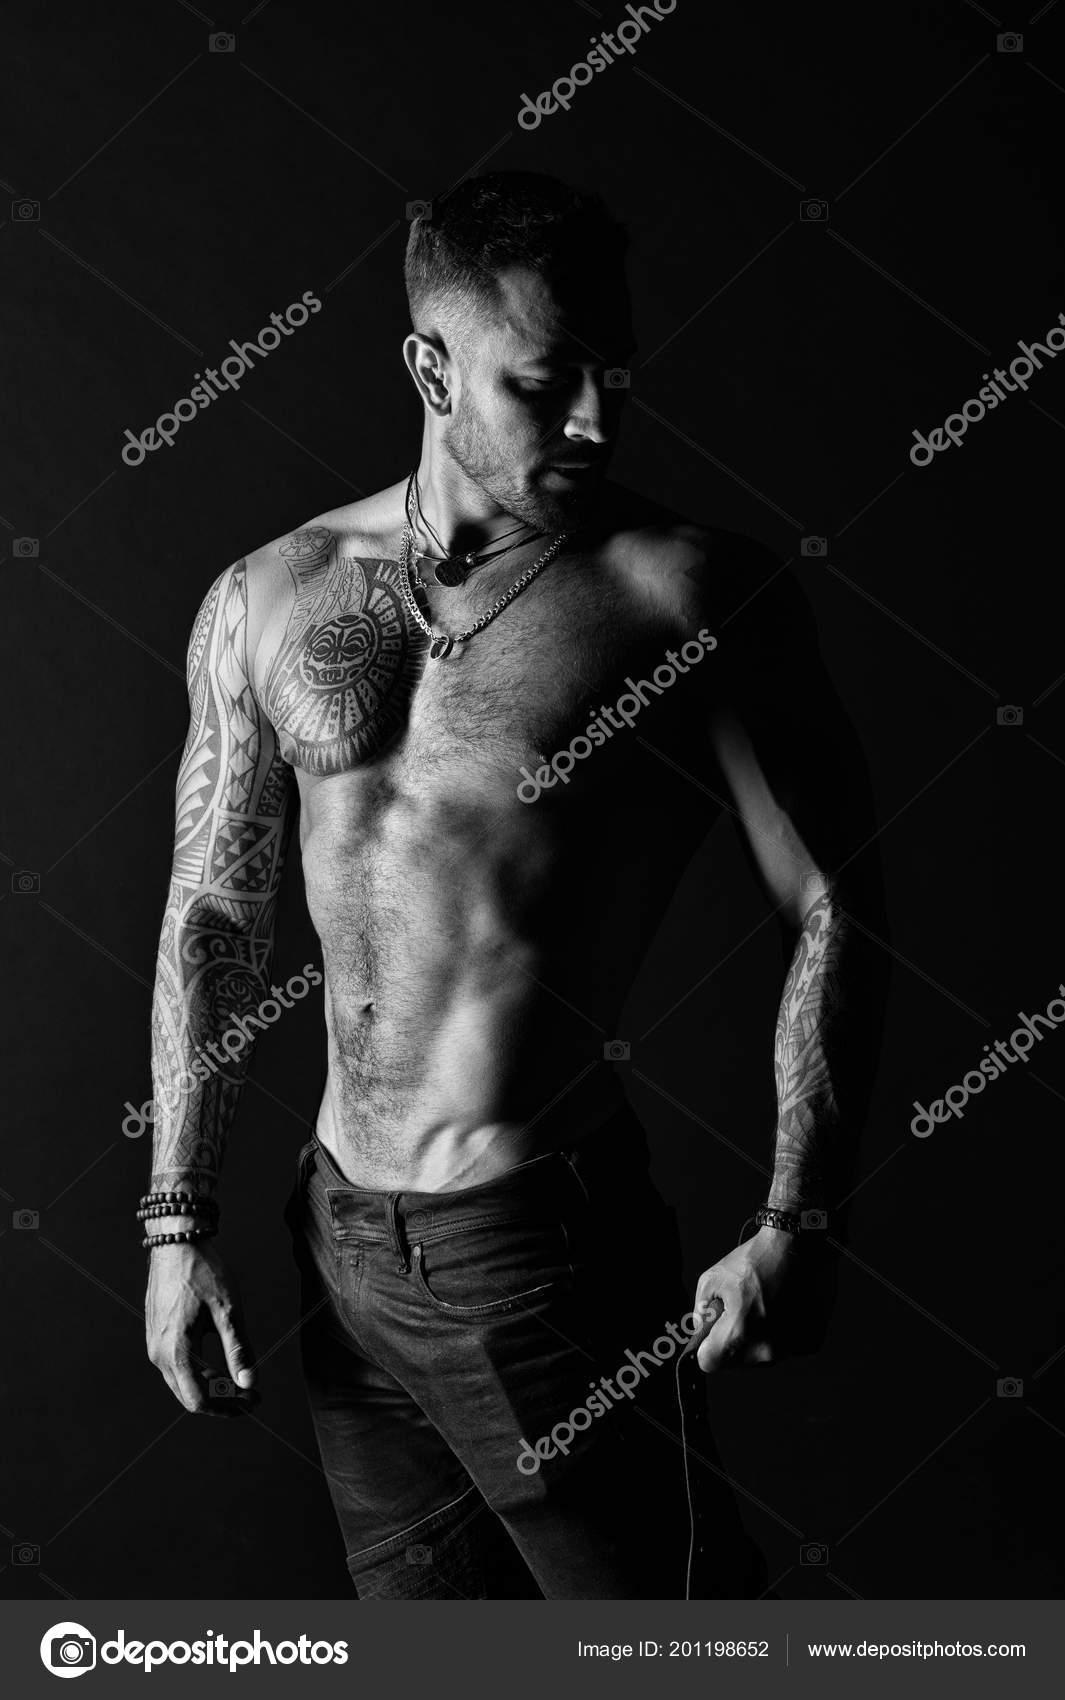 Homme Au Bras Tatoue Et La Poitrine Homme Barbu Avec Torse Fort